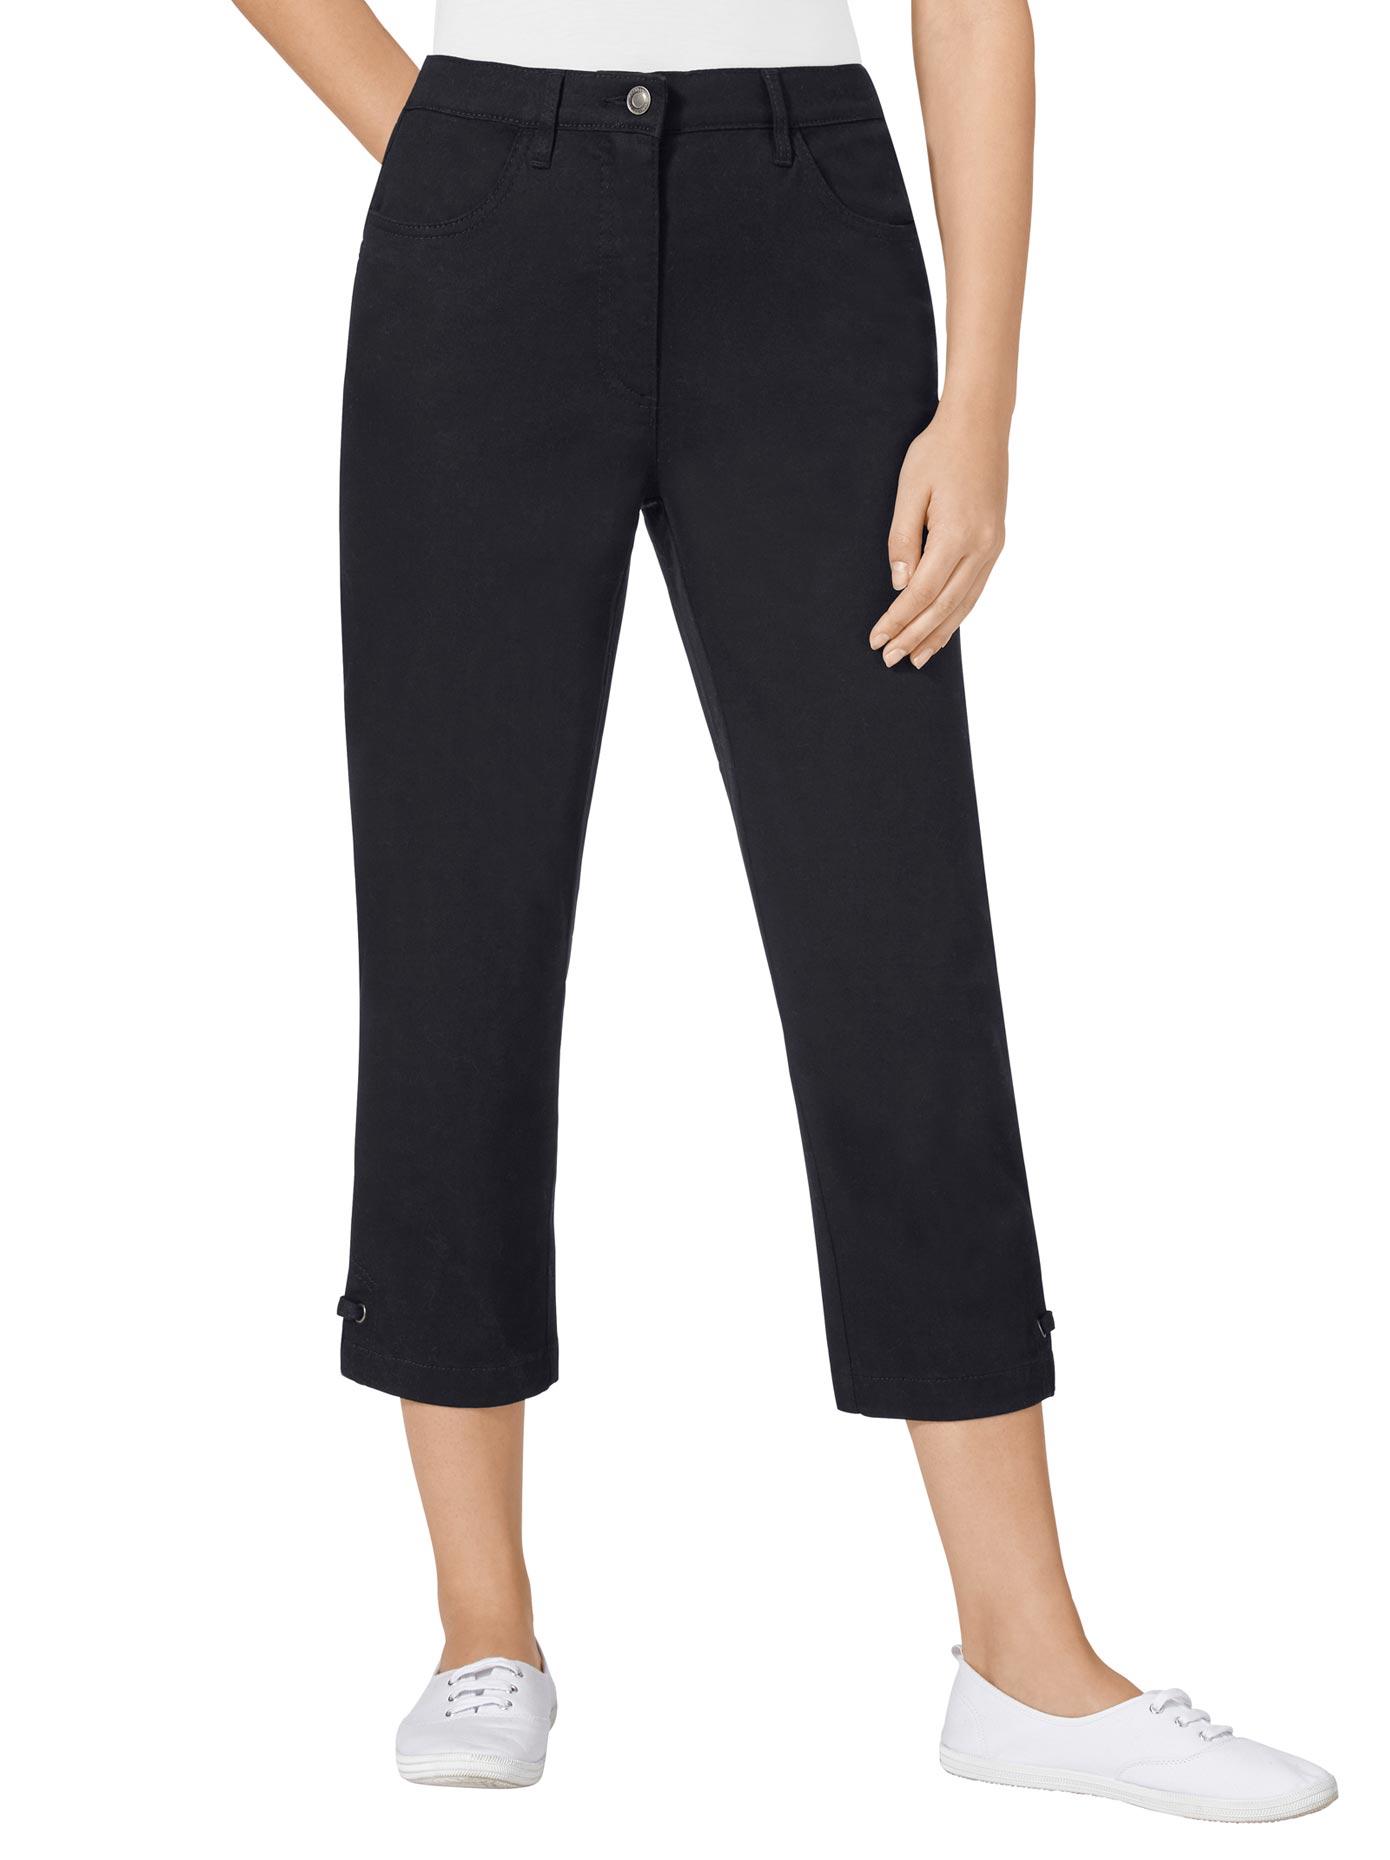 Casual Looks 7/8-Jeans mit seitlichem Dehnbund | Bekleidung > Jeans > 7/8-Jeans | Casual Looks